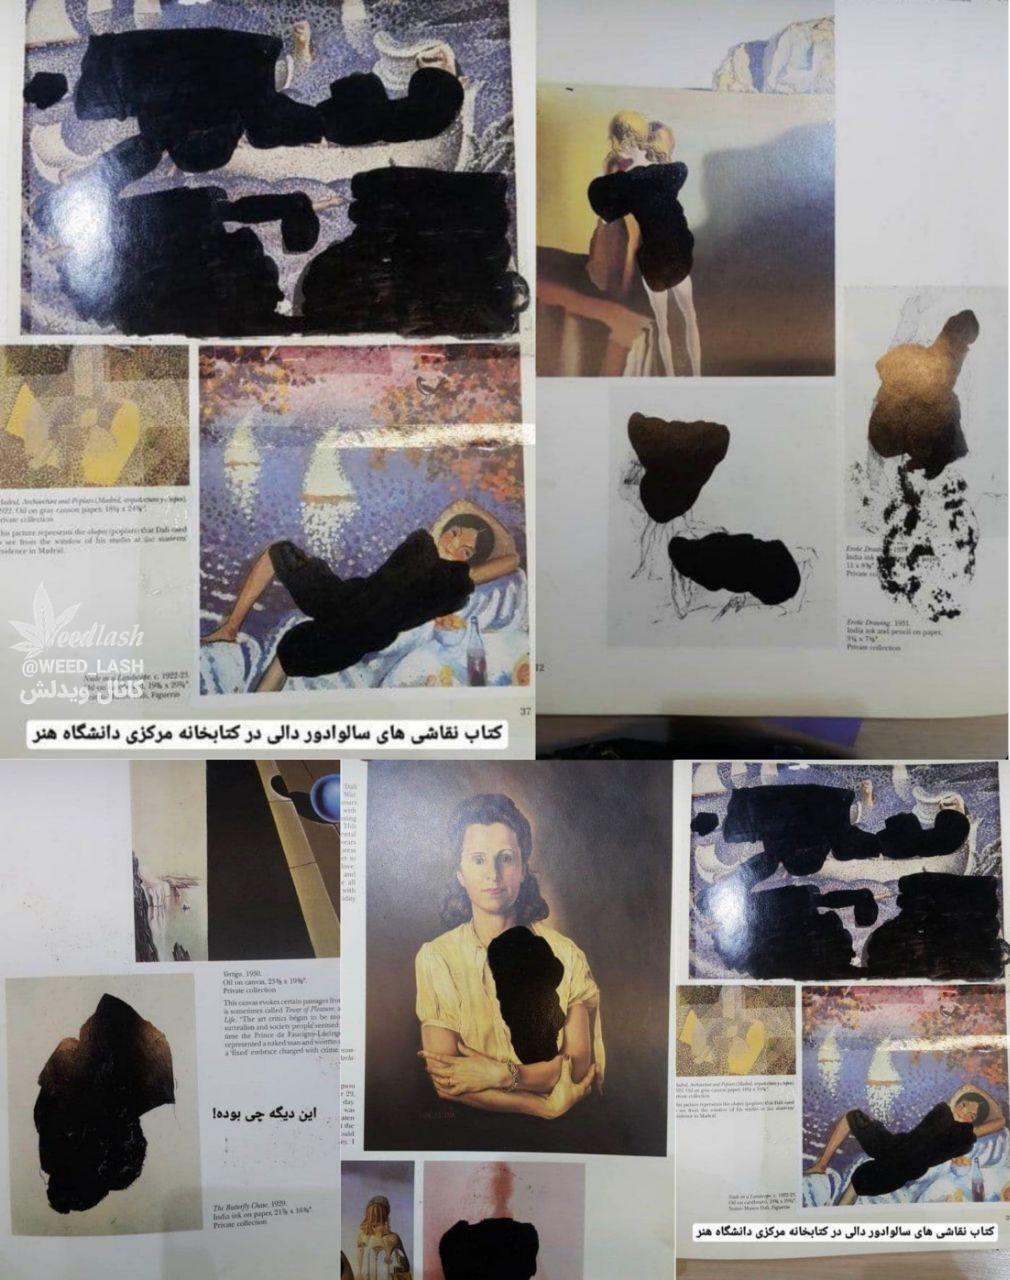 Legende : Passées au marqueur noir, on reconnait plusieurs oeuvres de Salvador Dali, notamment Nu dans un paysage (en haut à gauche), La Chasse aux papillons (largement recouvert, en haut à droite), Galarina (en bas au milieu).